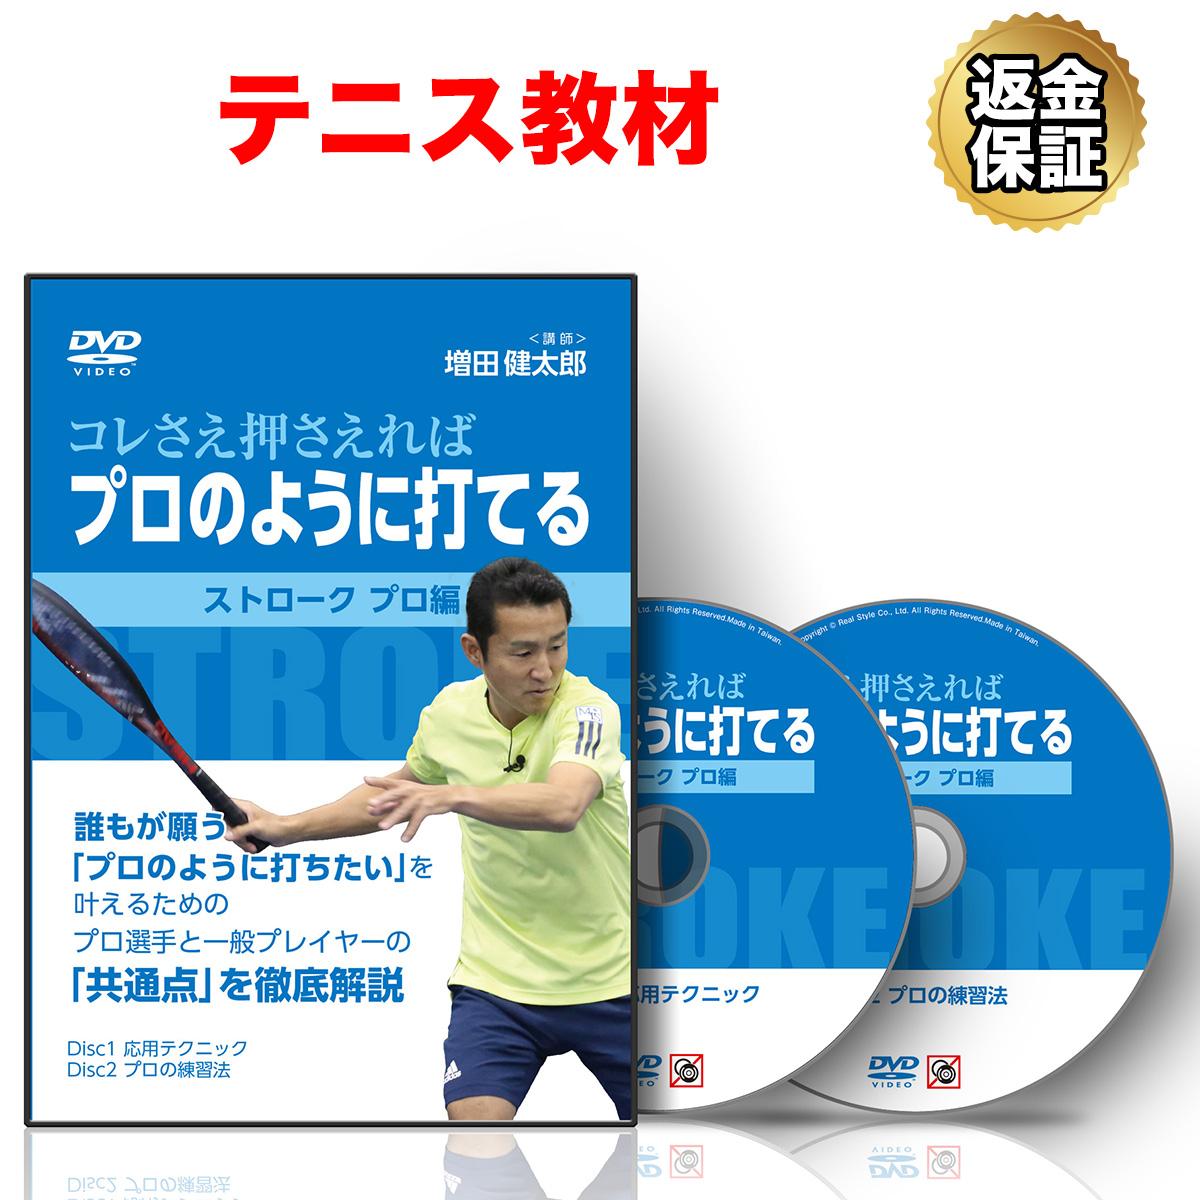 テニス 教材 DVD 増田健太郎の「コレさえ押さえればプロのように打てる」~ストローク プロ編~